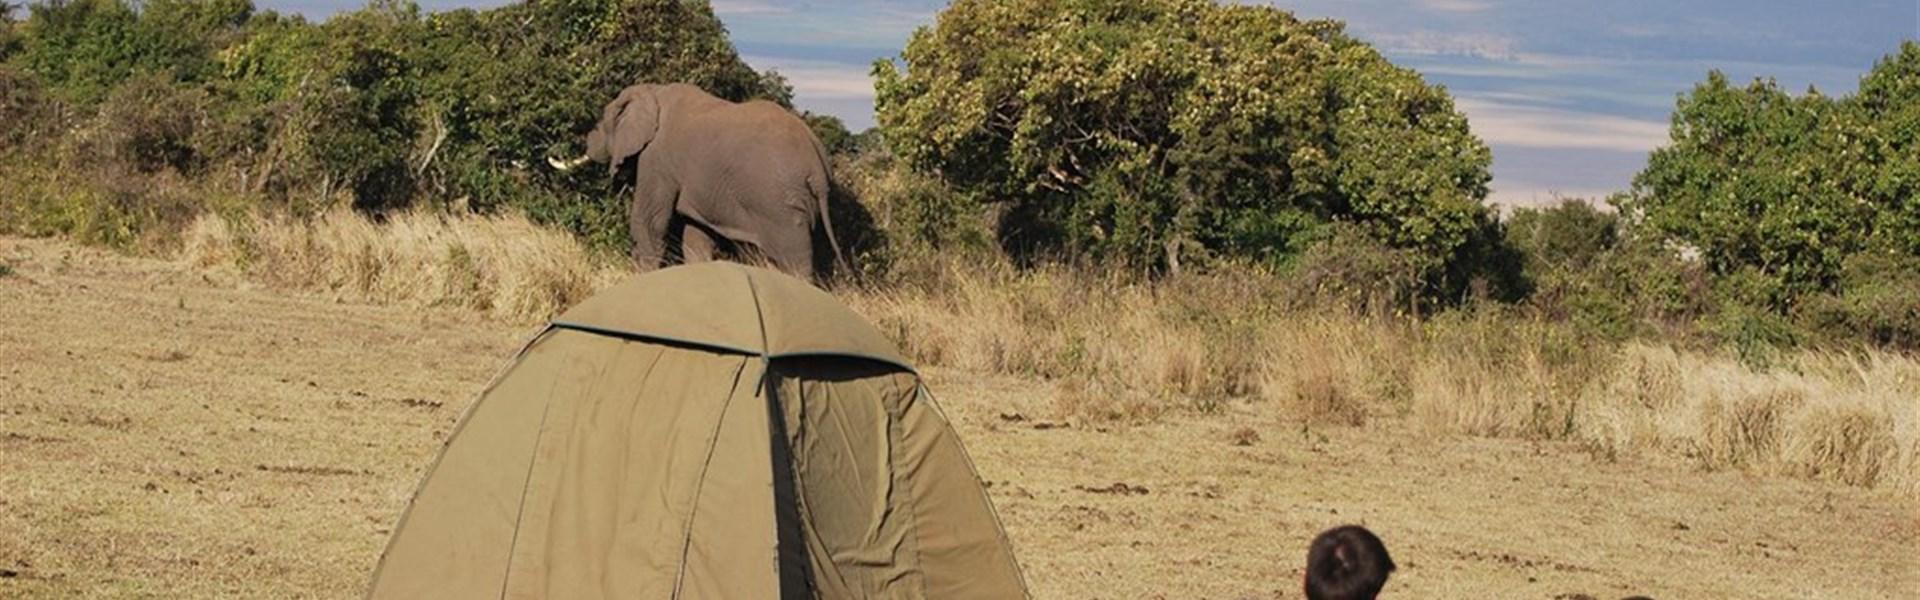 Expedice na safari do Keni a Tanzanie s českým průvodcem